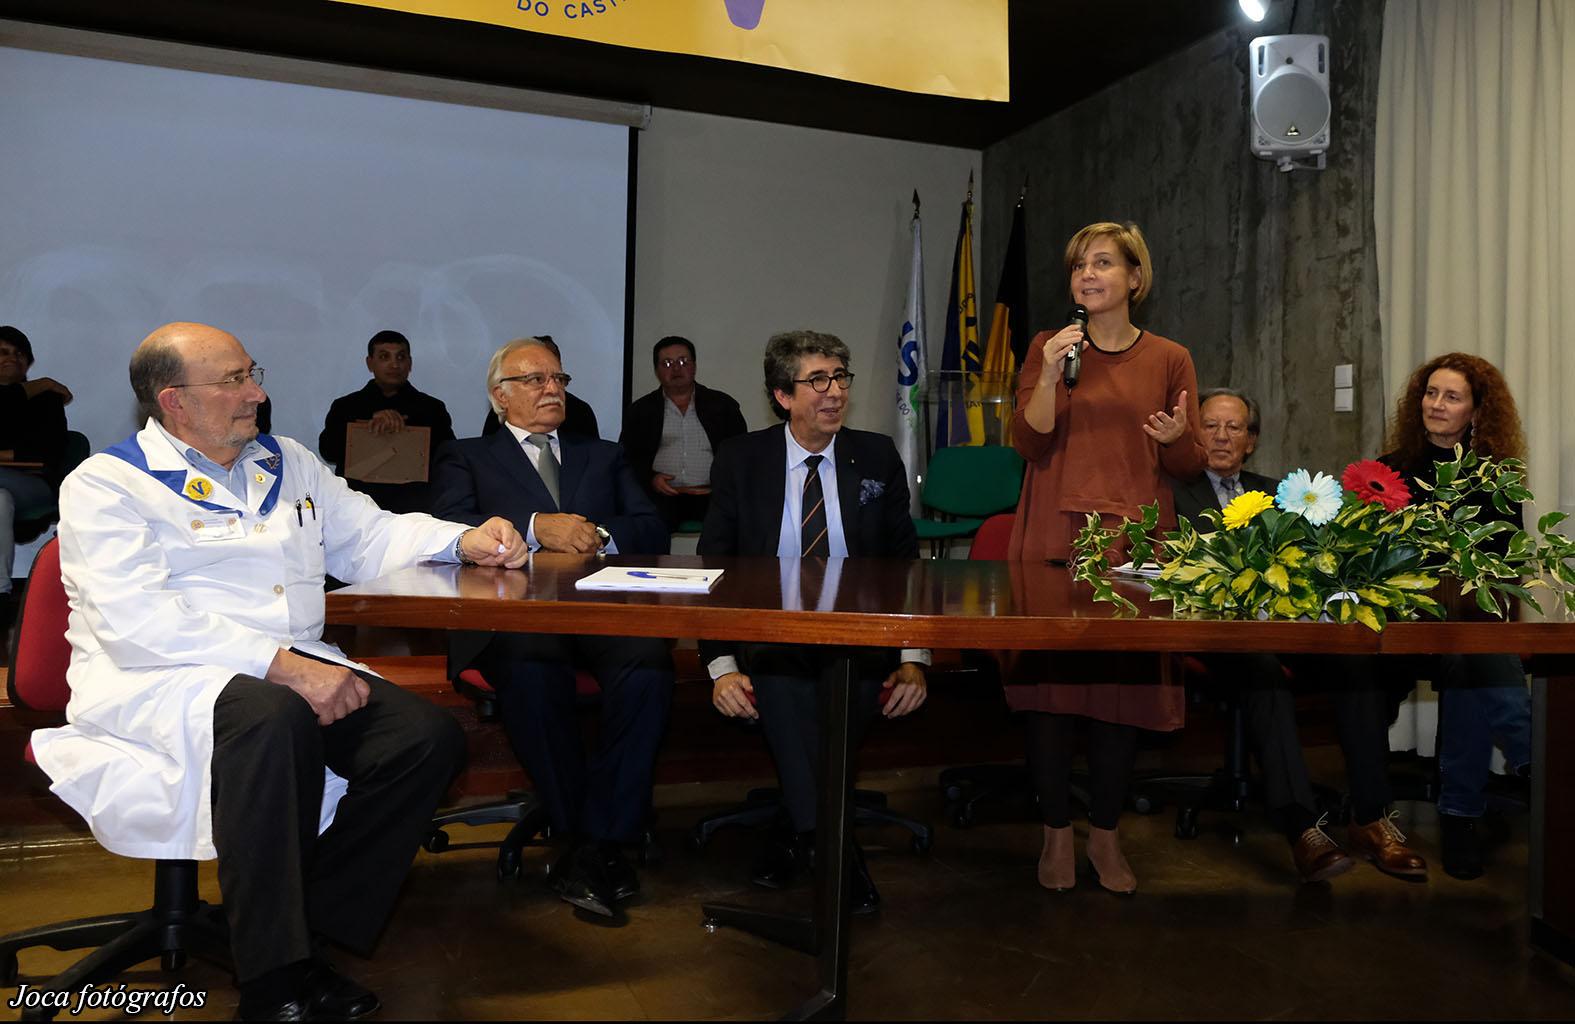 Ministra da Saúde nos 38 anos da Liga dos Amigos do Hospital de Viana do Castelo